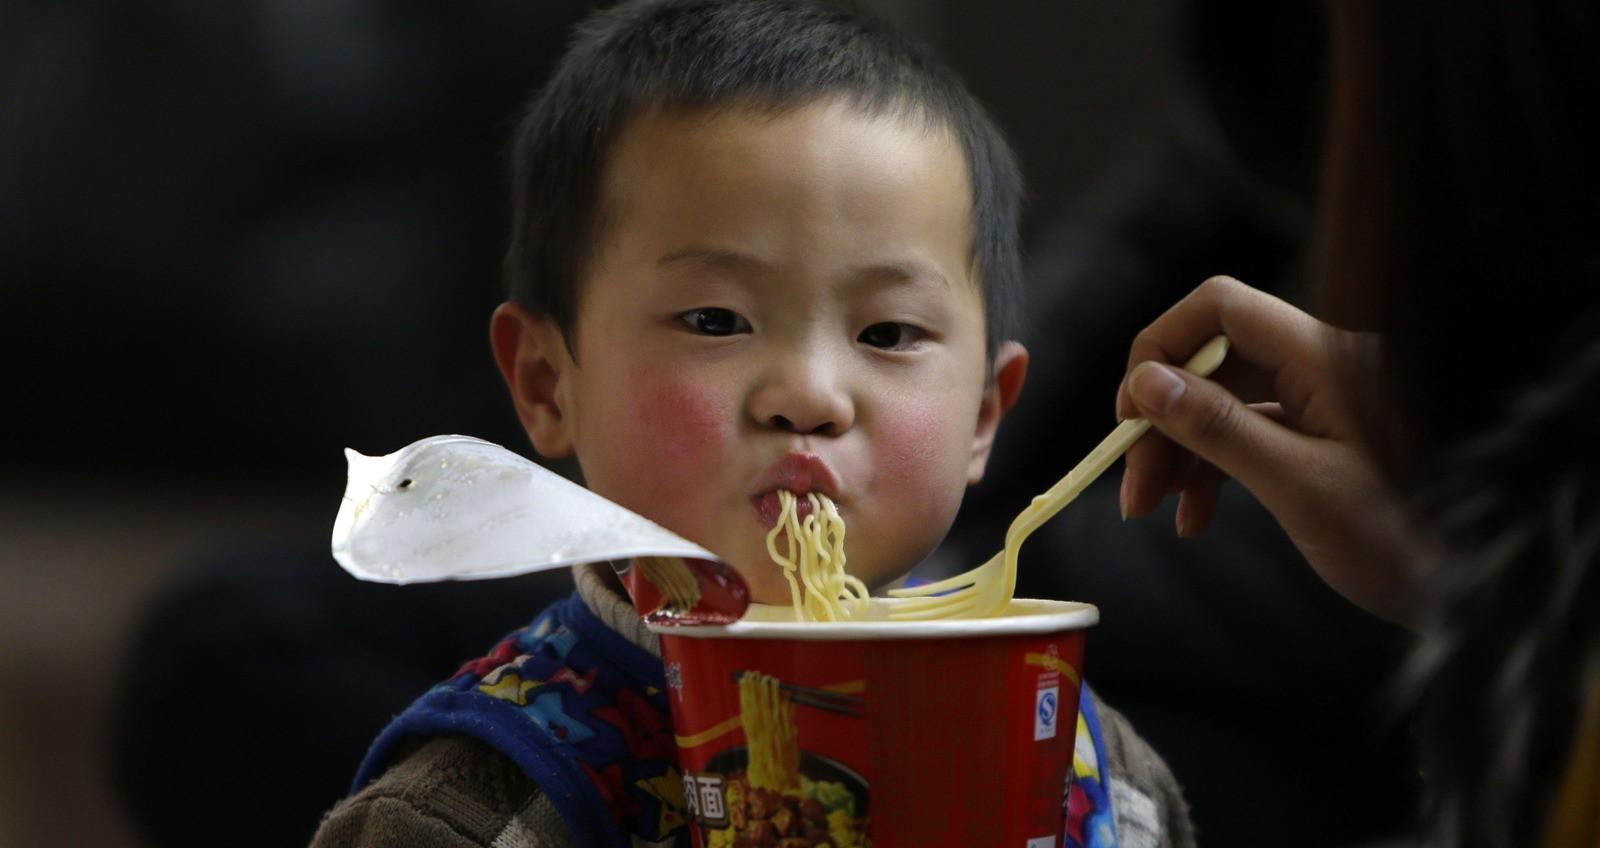 """Câu chuyện về mì ăn liền ở Trung Quốc: Vị vua thực phẩm bất ngờ bị """"thất sủng"""" và sự hồi sinh mạnh mẽ khiến ai cũng kinh ngạc - Ảnh 10."""